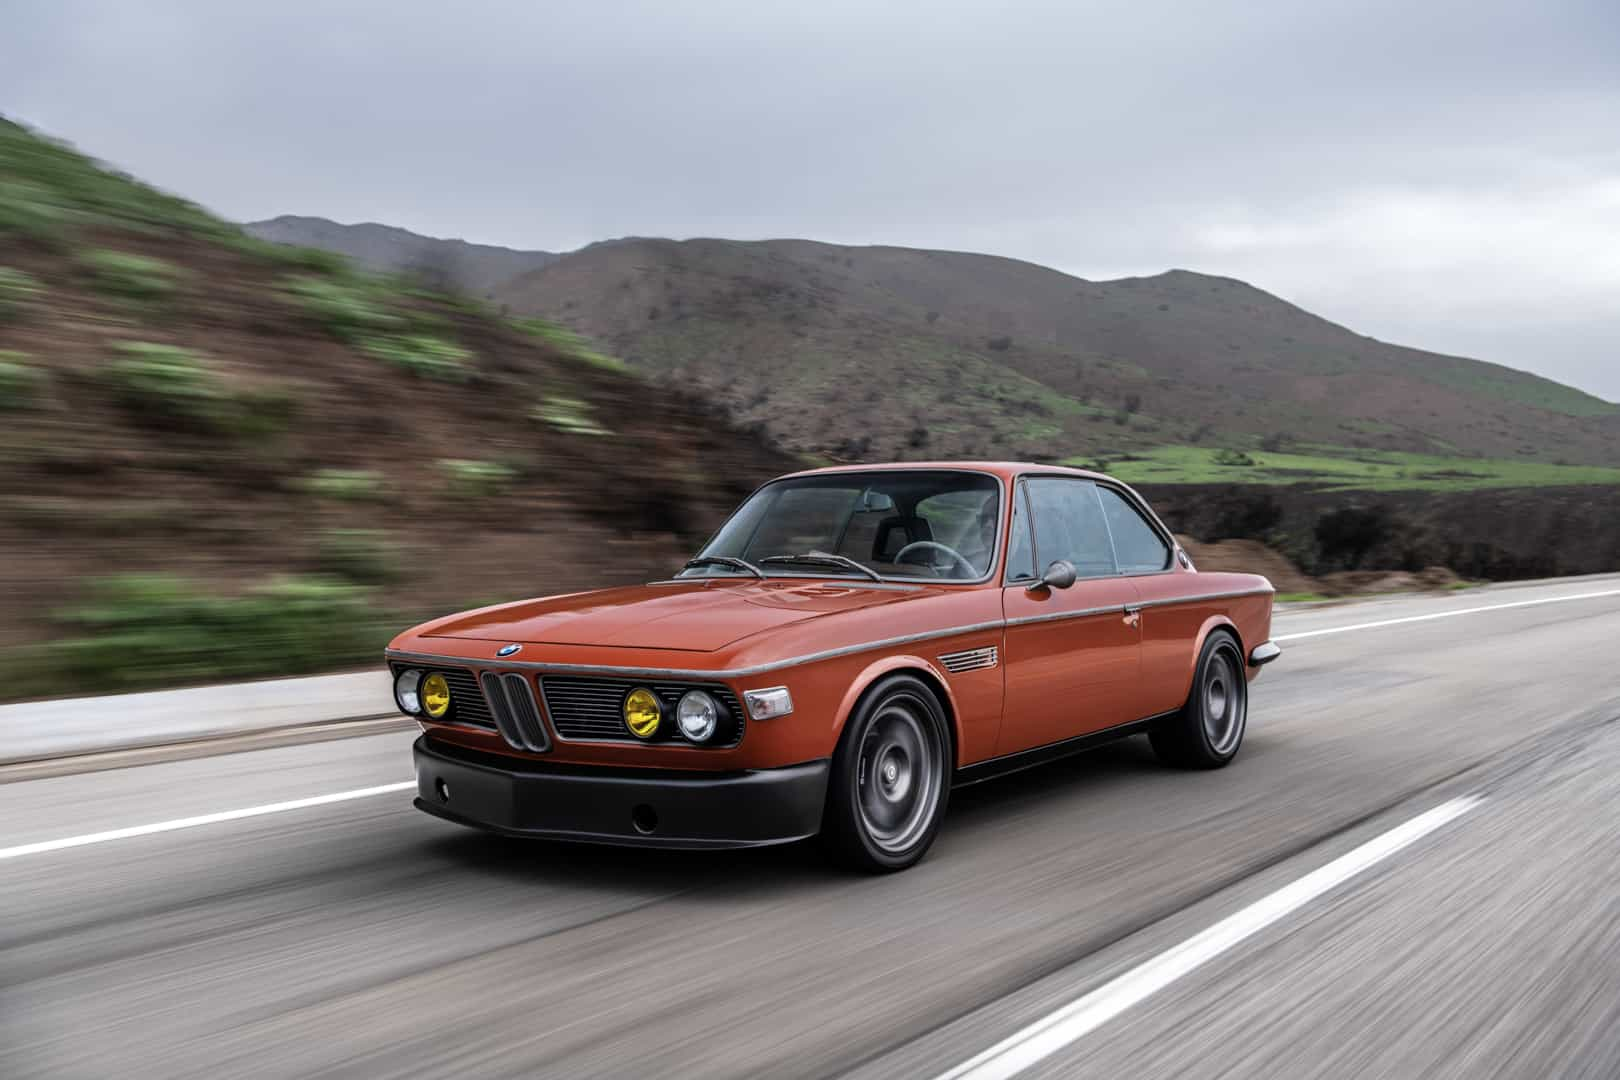 El BMW 3.0 CS a la carta de Iron Man - Eventos Motor